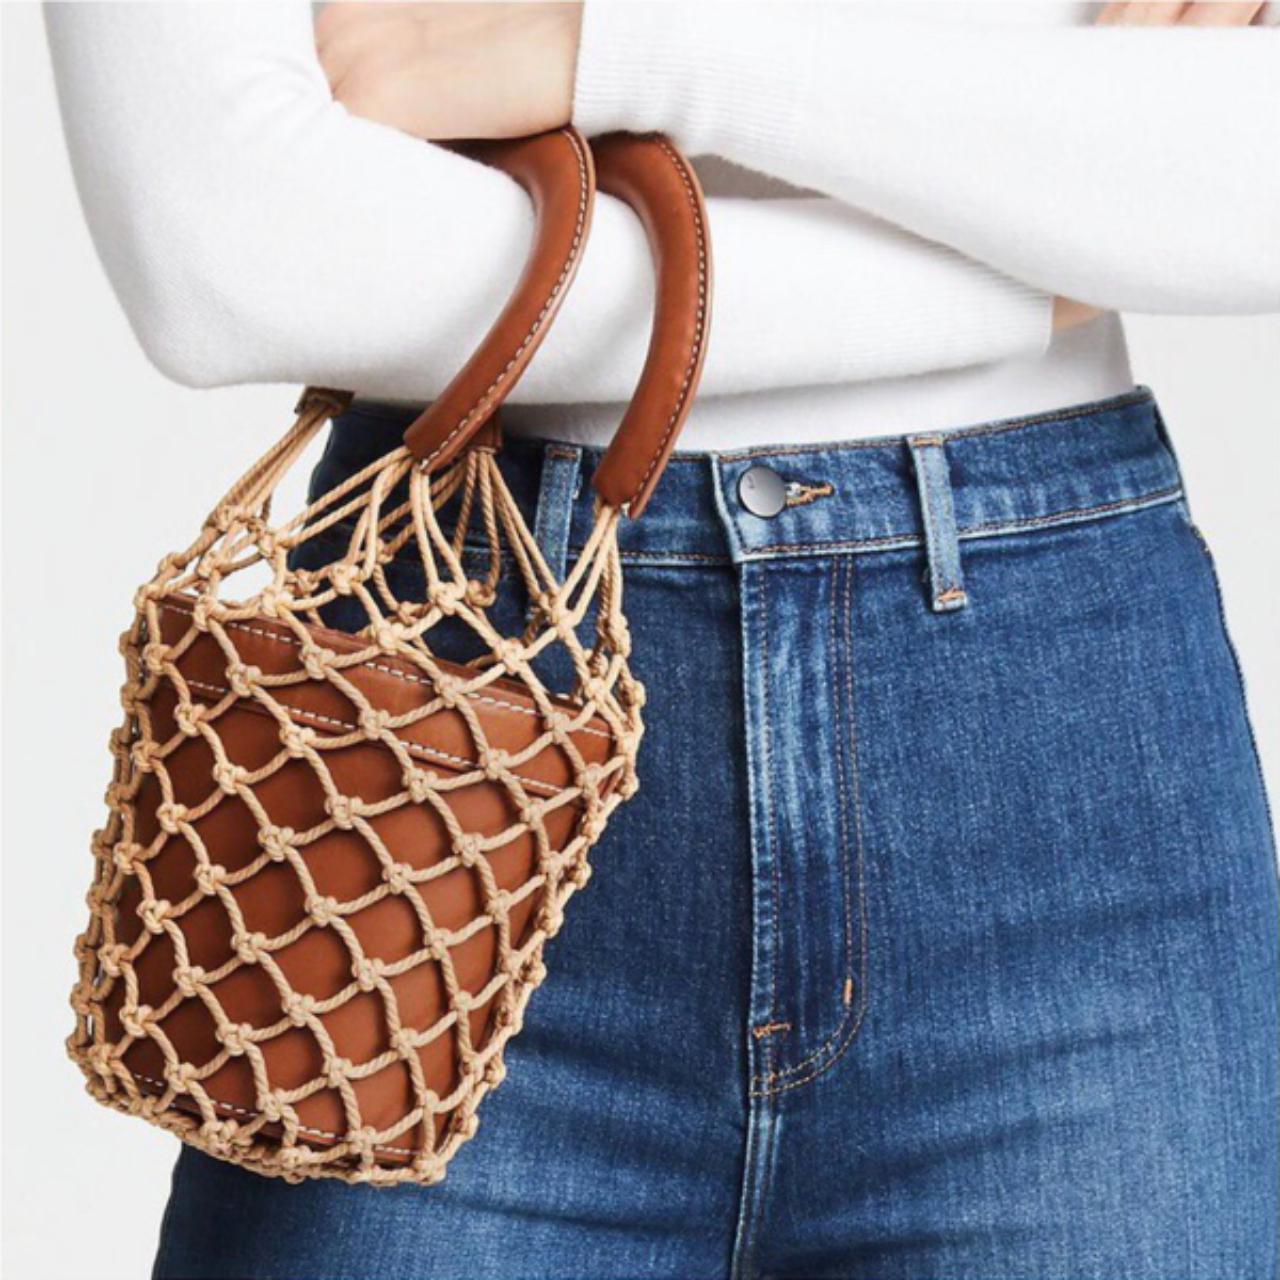 Product Image 1 - Staud Mini Moreau Bucket Bag  Please